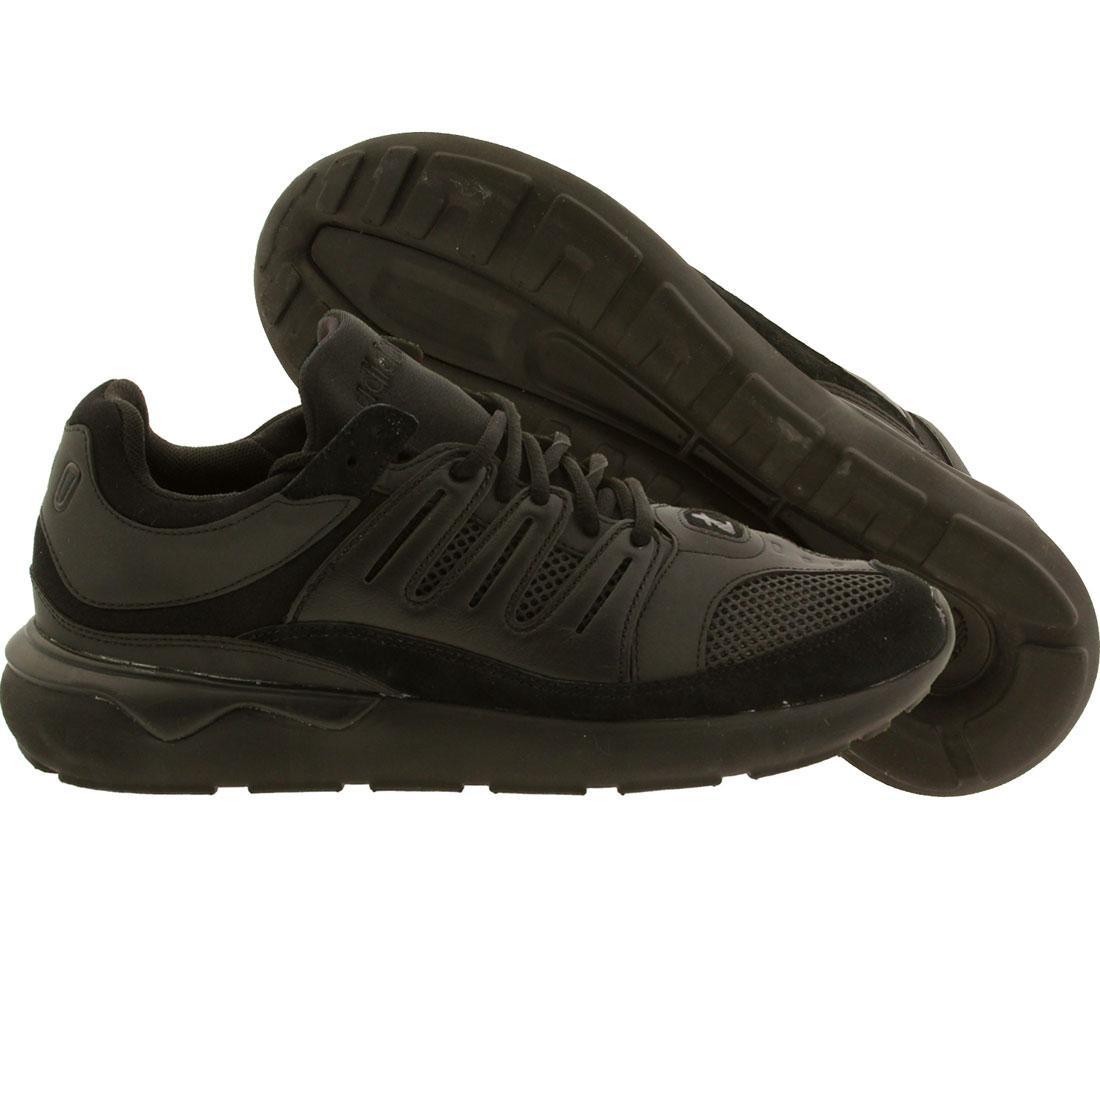 【海外限定】アディダス コア 靴 メンズ靴 【 ADIDAS MEN TUBULAR 93 BLACK CORE 】【送料無料】